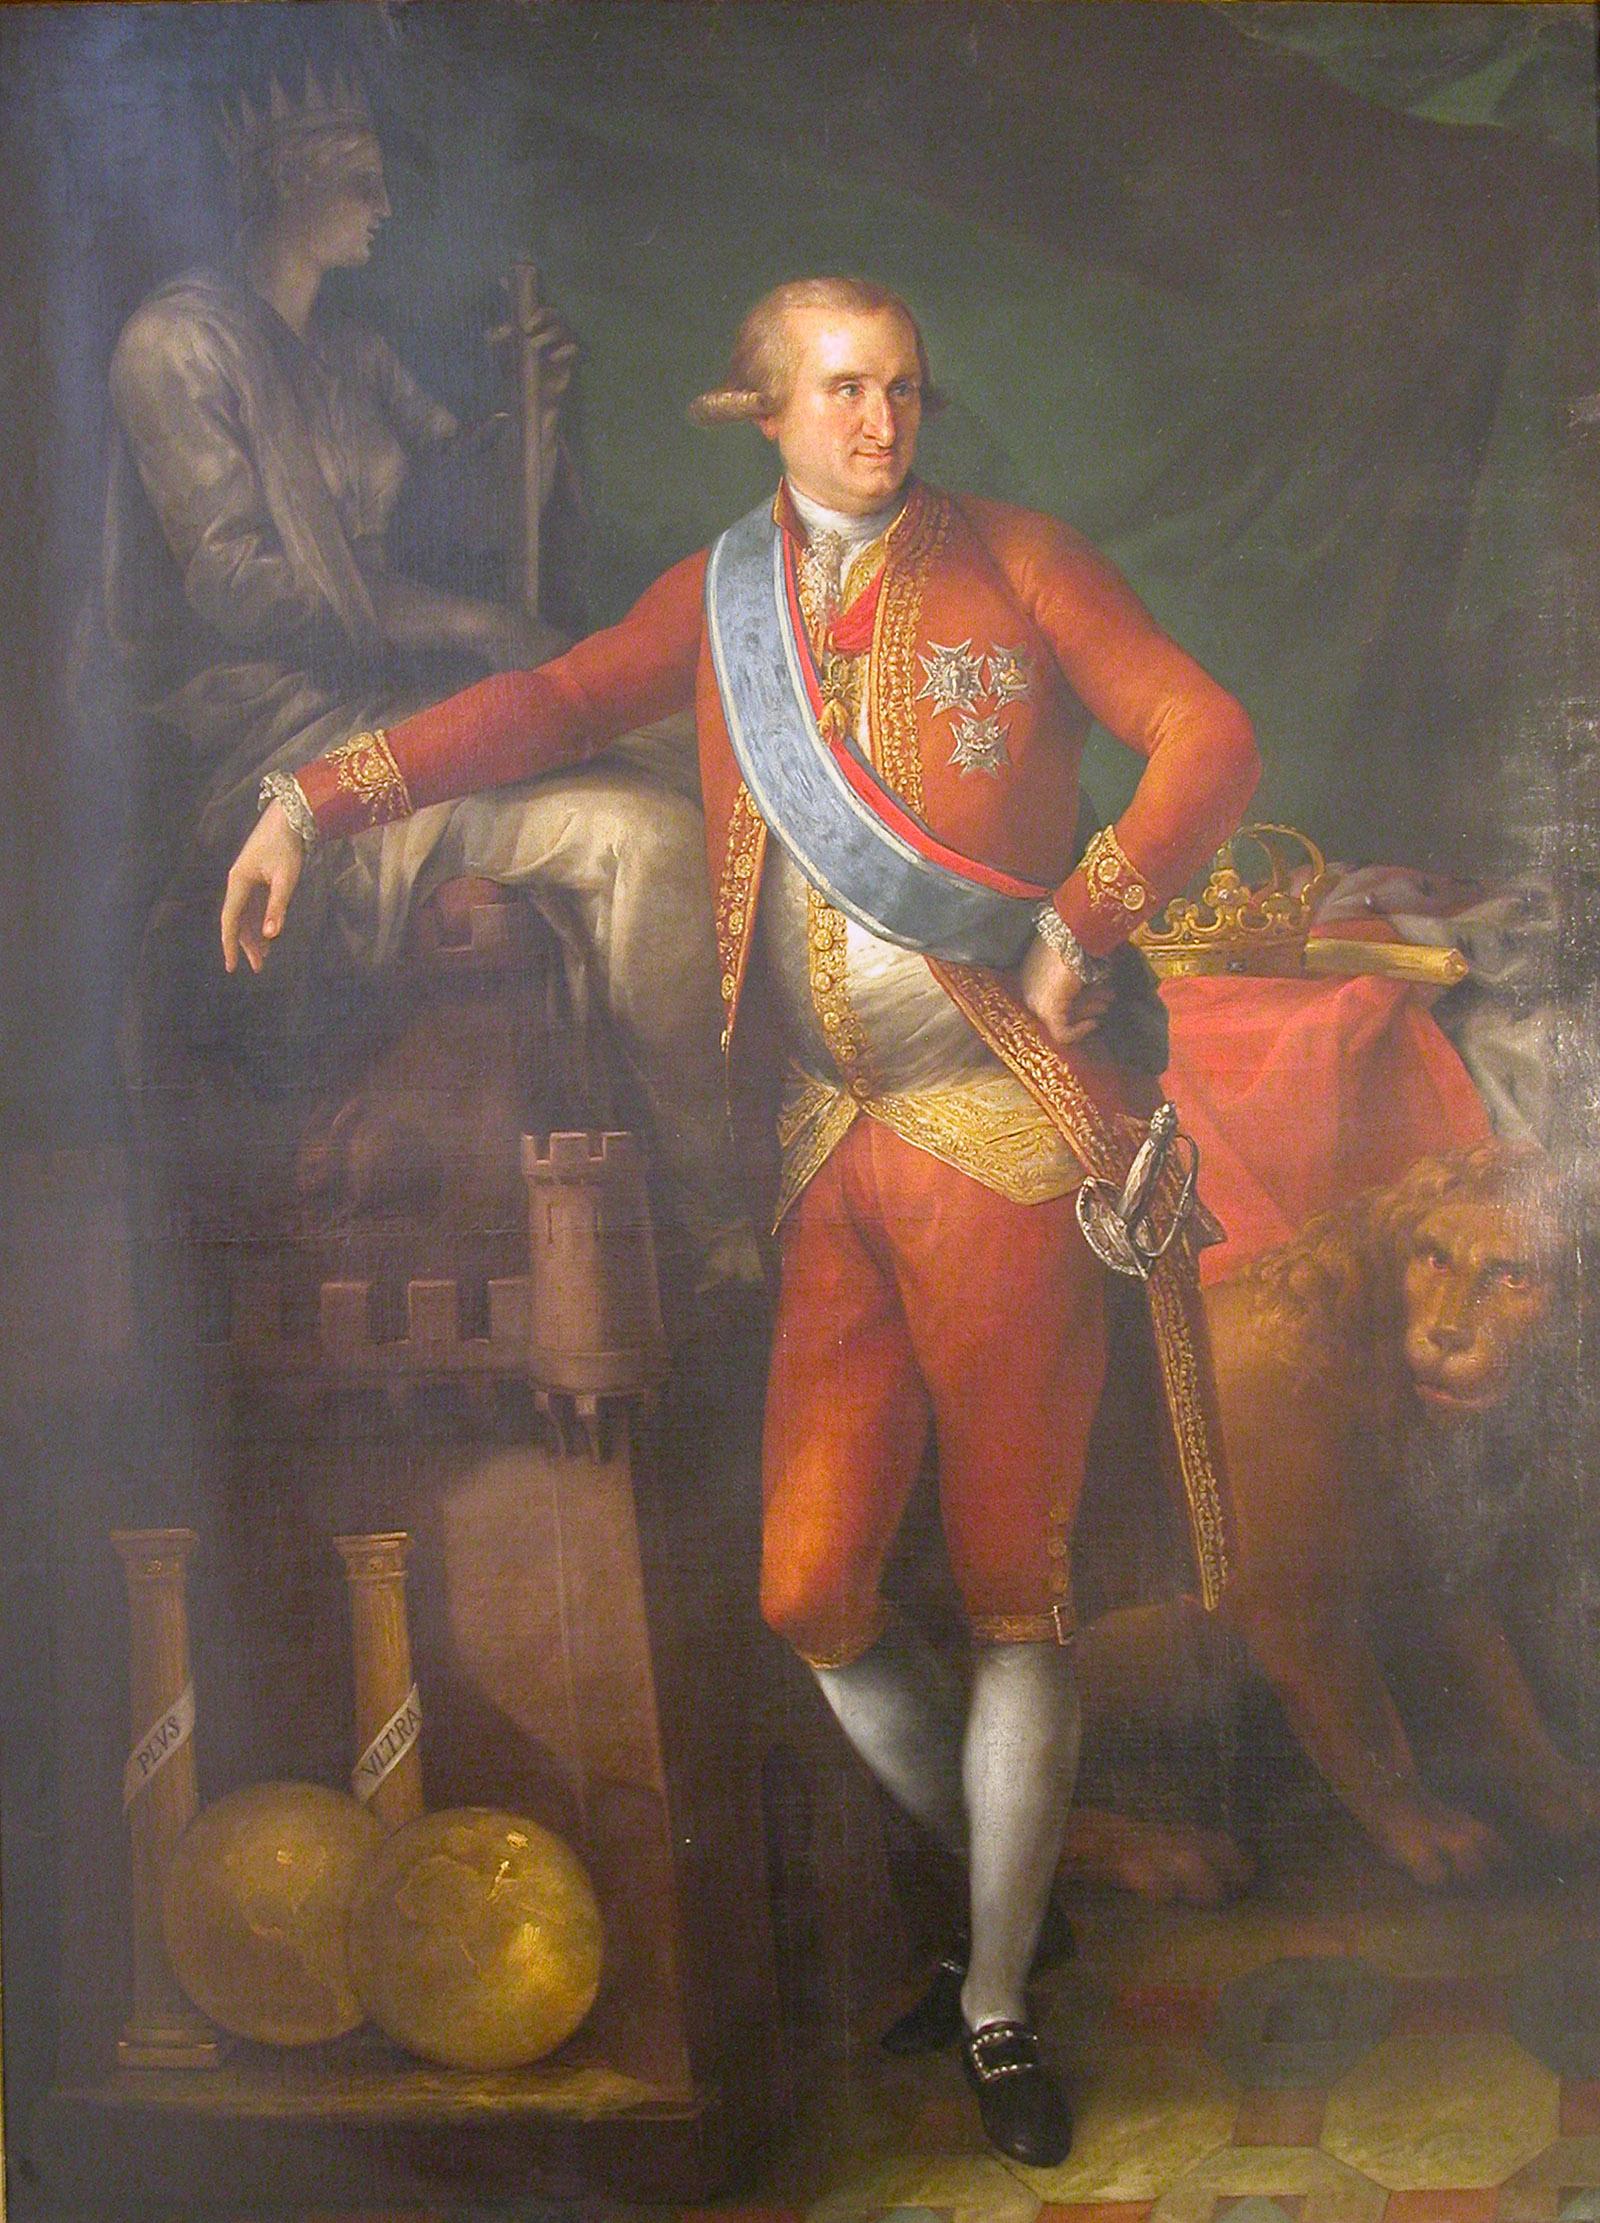 Carlos IV ejecutado por Bernardo Martínez del Barranco en 1789.